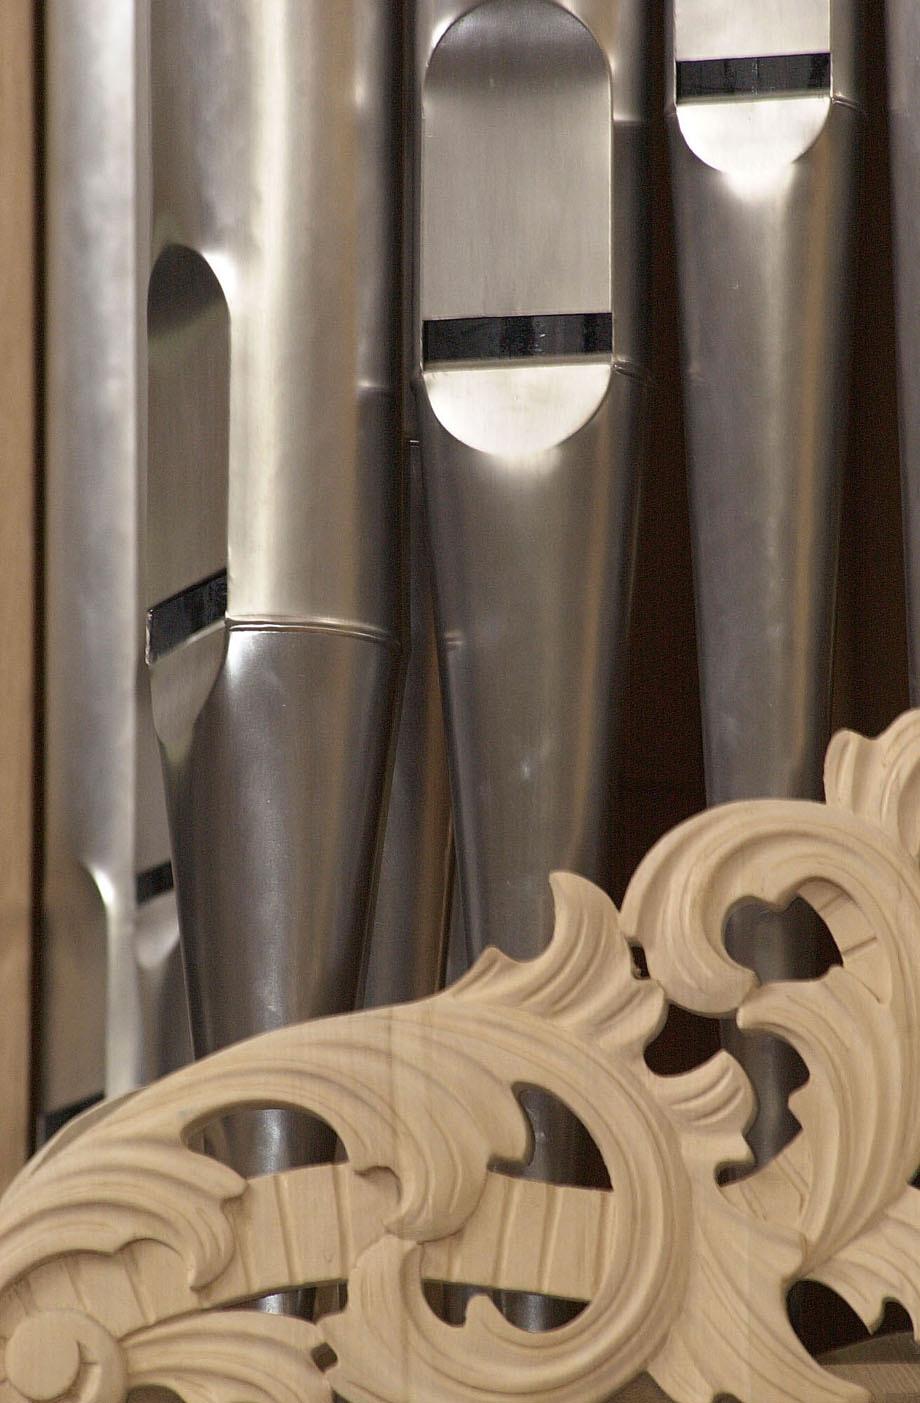 """Nachbau einer Arp-Schnittger-Orgel in der Orgelbauwerkstatt Führer in Wilhelmshaven. Nach einjähriger Bauzeit ist die Orgel jetzt fertig gestellt und wird in Bodo/Norwegen aufgebaut. Neun Männer und Frauen haben daran gearbeitet. Die Orgel beinhaltet rund 1.800 Pfeifen, 28 Registern, zwei Manuale und ein austauschbares Pedal und alles im Originalstil von Arp Schnitger. Für die """"Königin der Instrumente"""", wie die Orgeln oft genannt werden, werden nur die feinsten Materialien verwendet. (Siehe Bericht des epd-Landesdienstes Niedersachsen-Bremen vom 8.4.03)"""